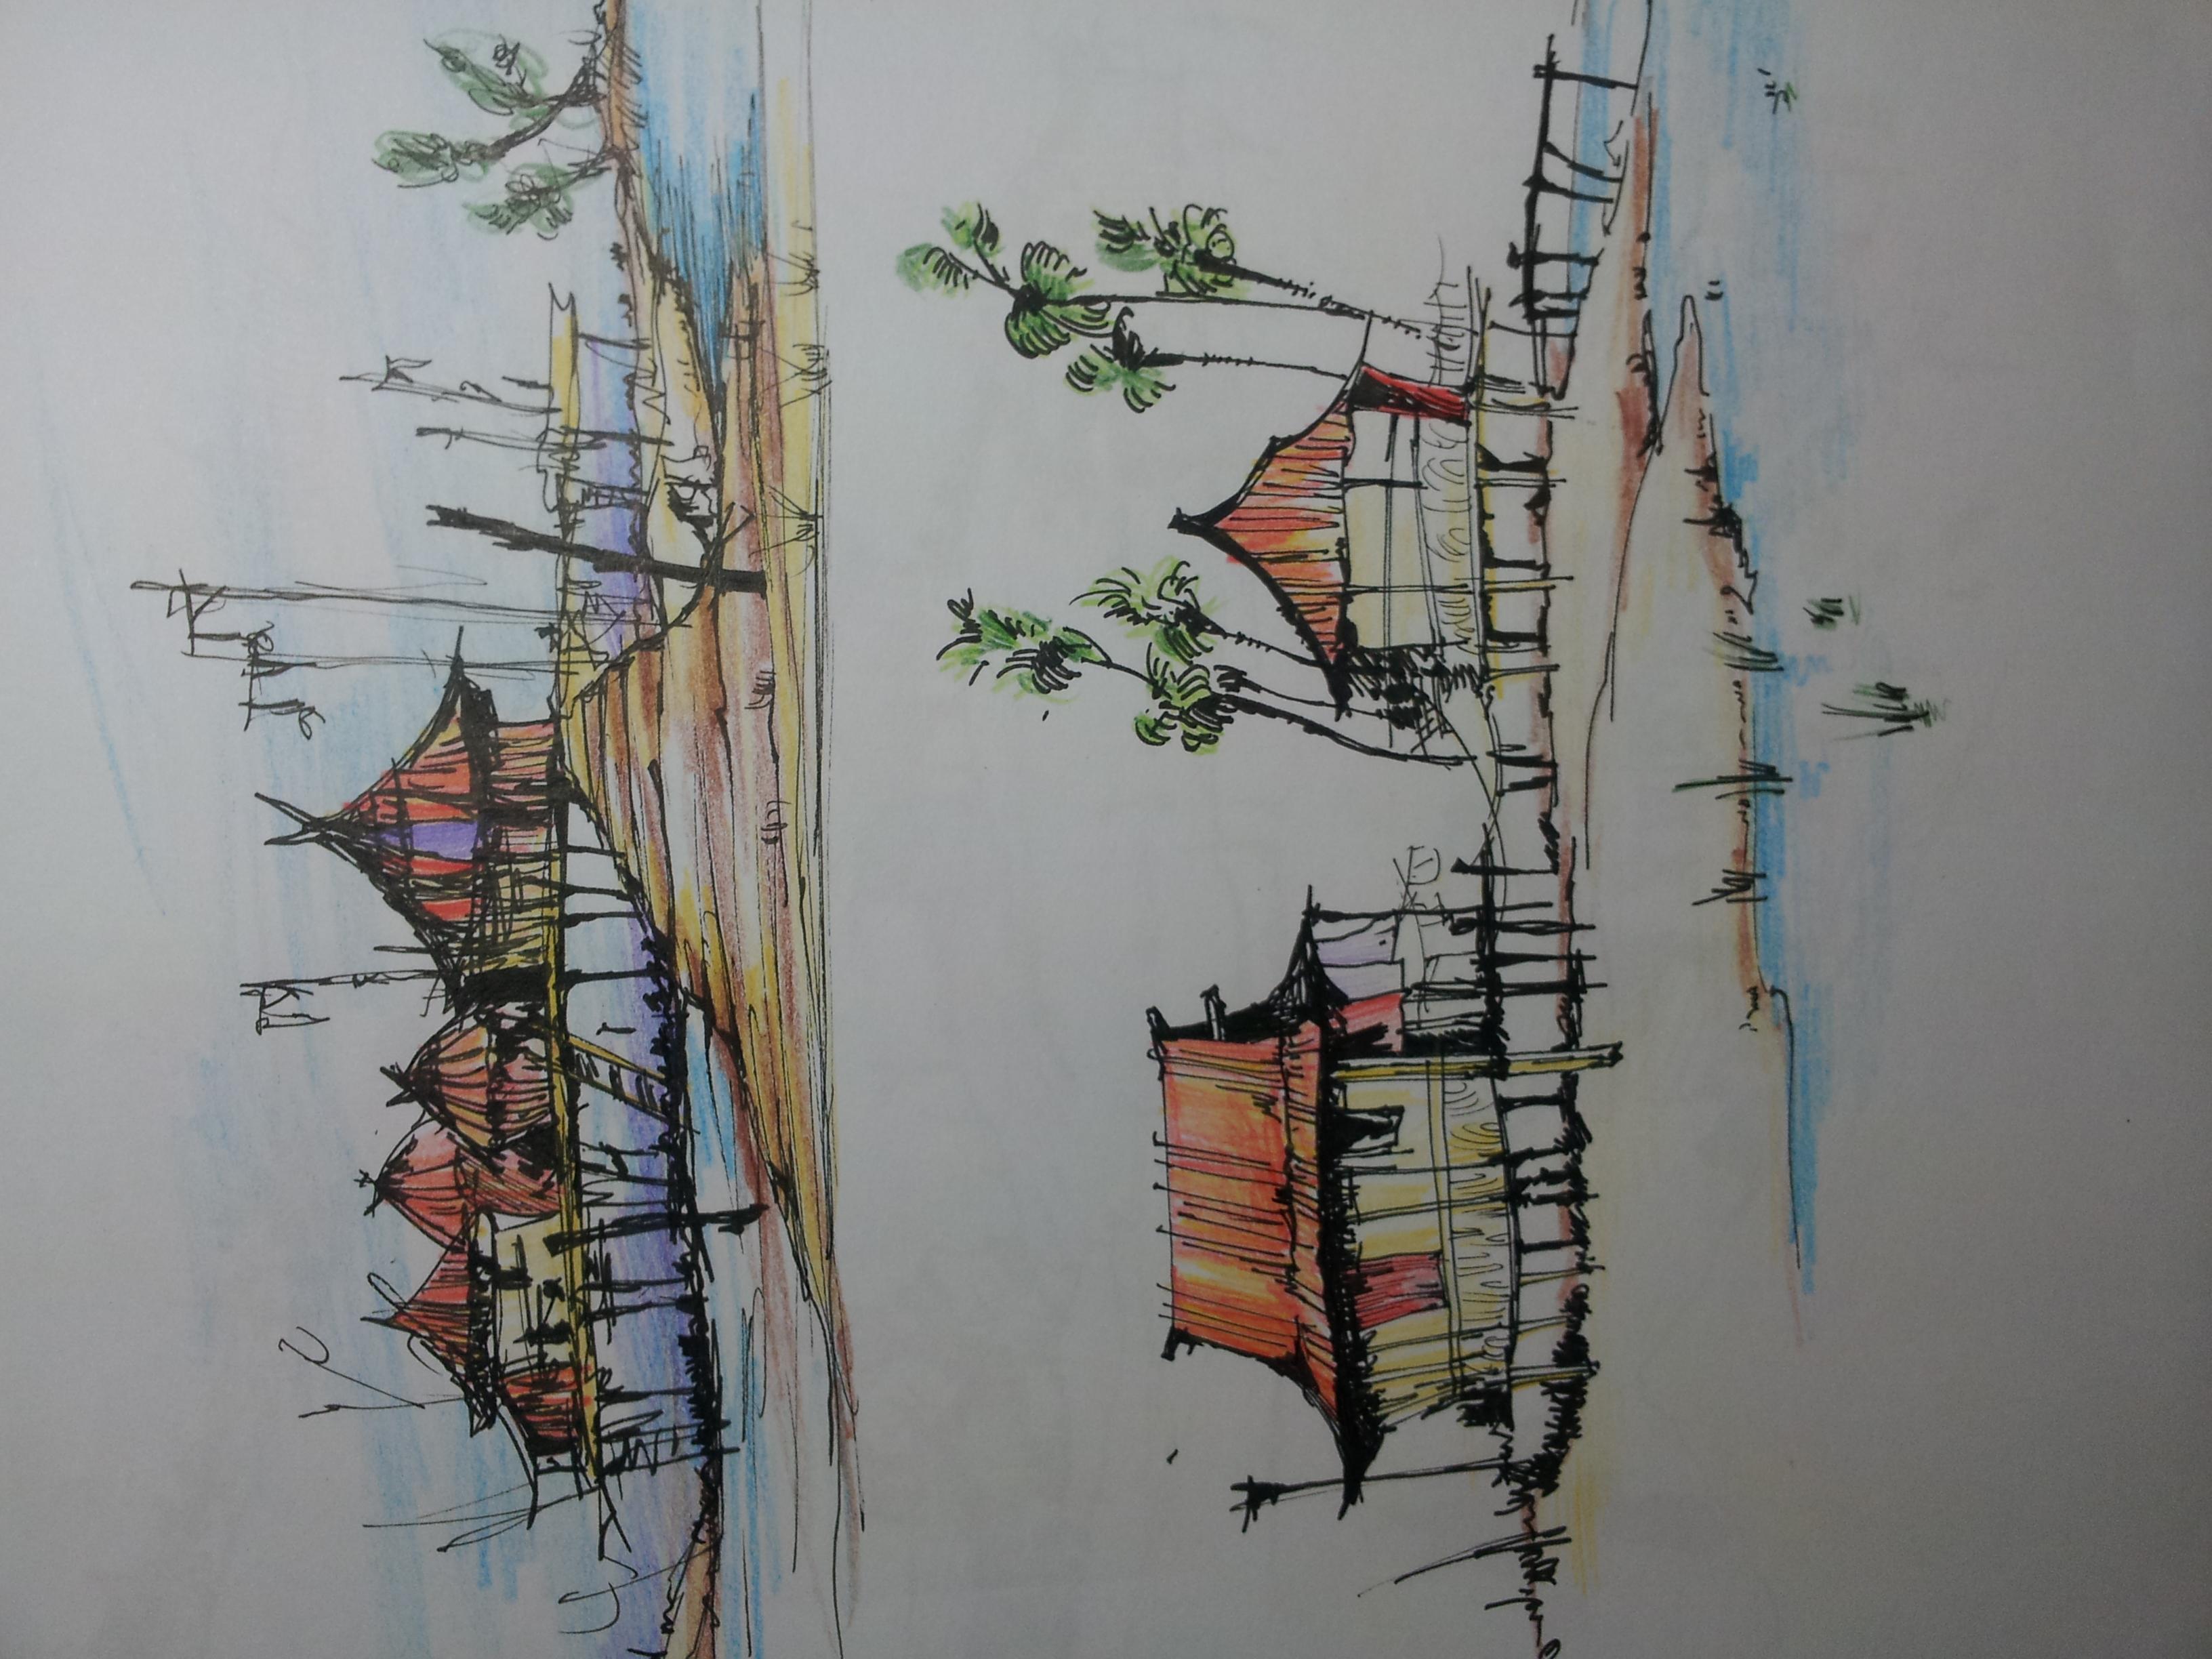 建筑,风景手绘 插画 插画习作 kalonlucky - 原创作品